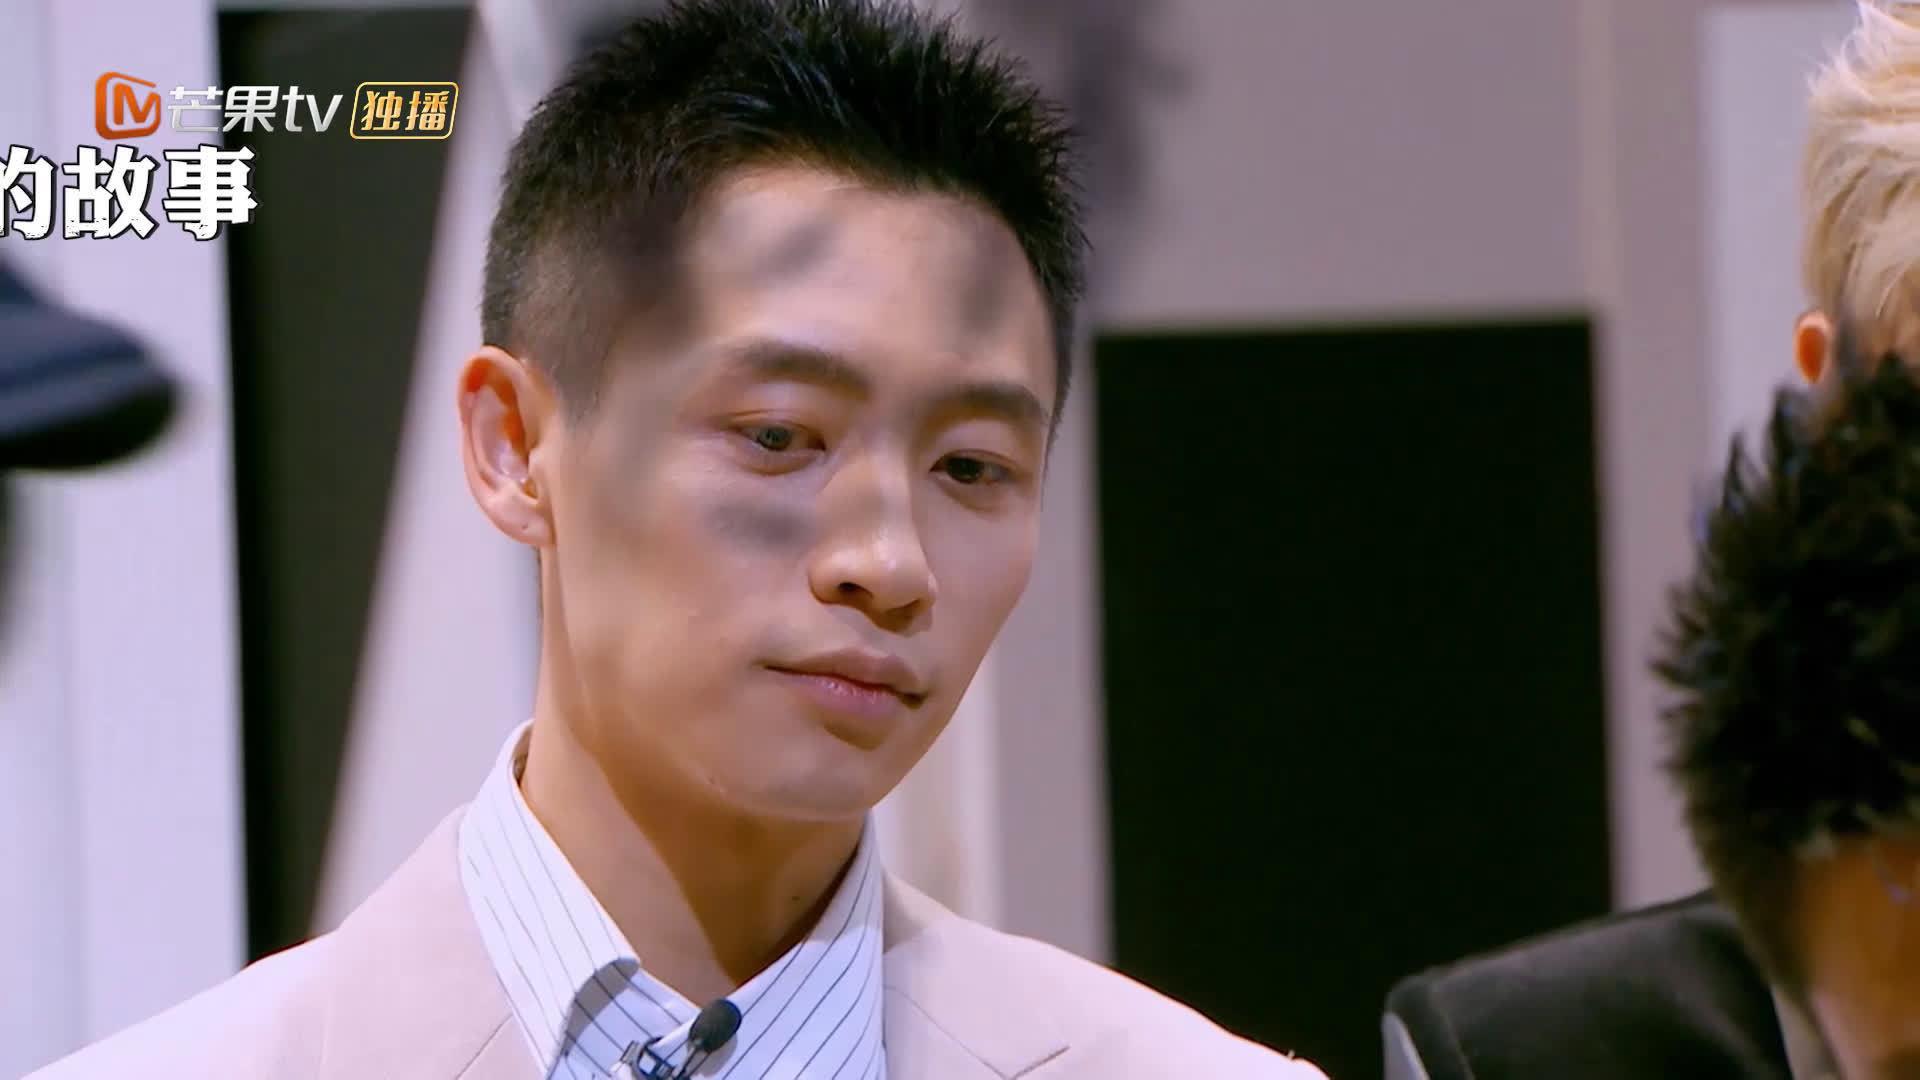 《明星大侦探》魏晨遭遇职场暴力 太让人心疼了